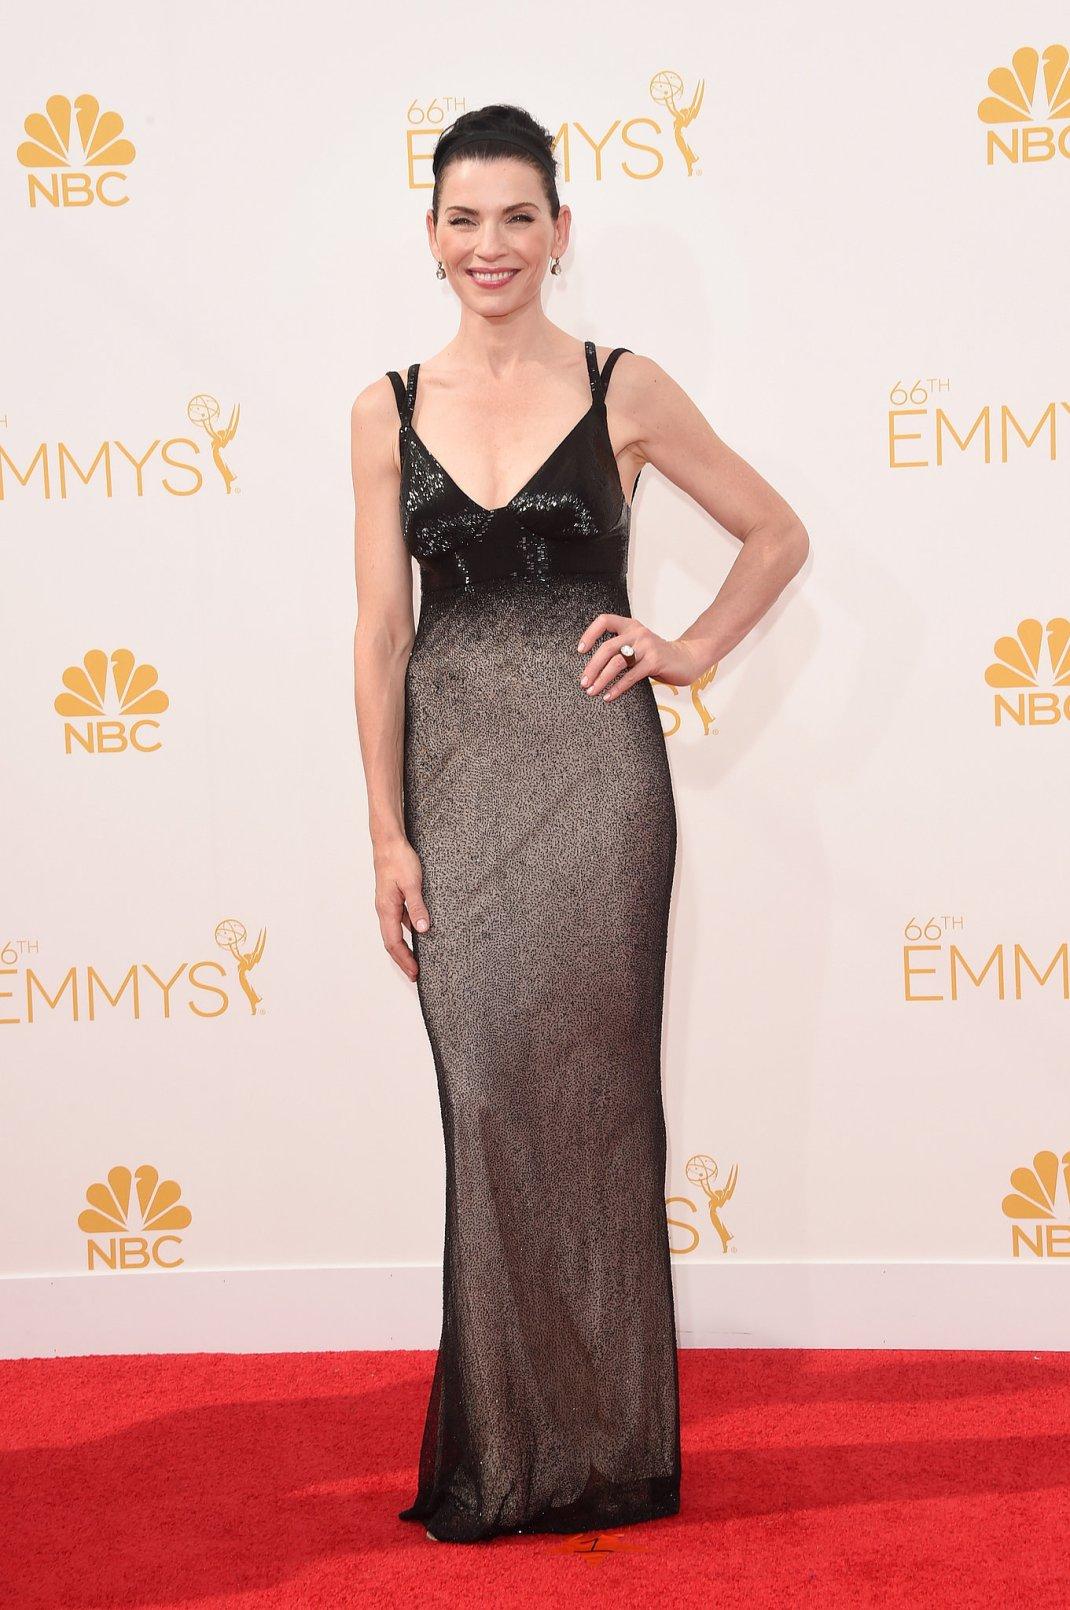 Julianna-Margulies-2014-Emmy-Awards